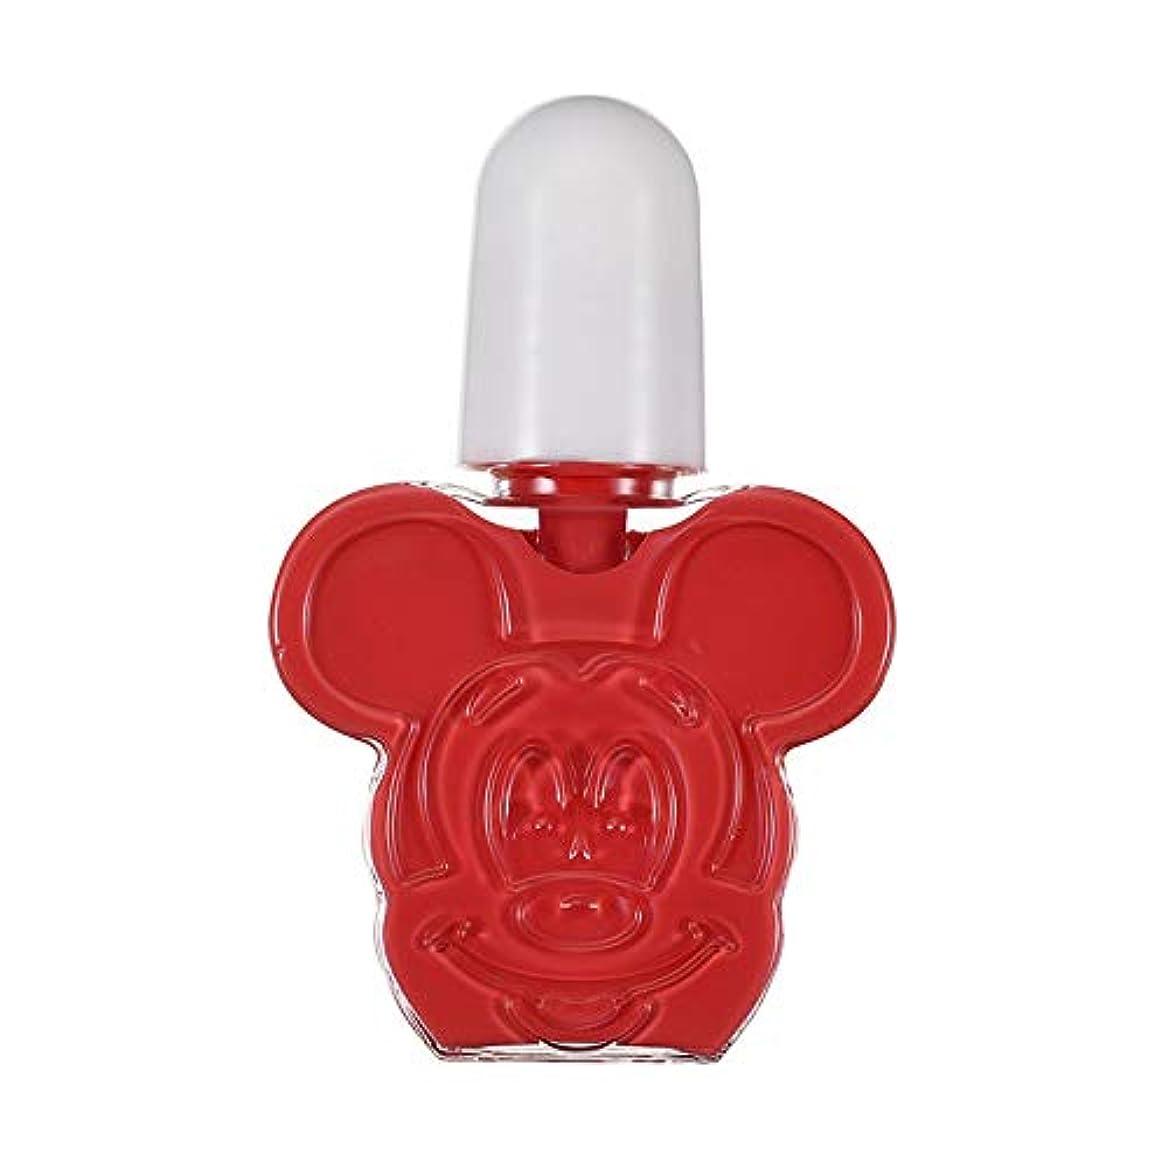 葉フレームワークジョブディズニーストア(公式)ネイルカラー ピールオフ ミッキー レッド Gummy Candy Cosme